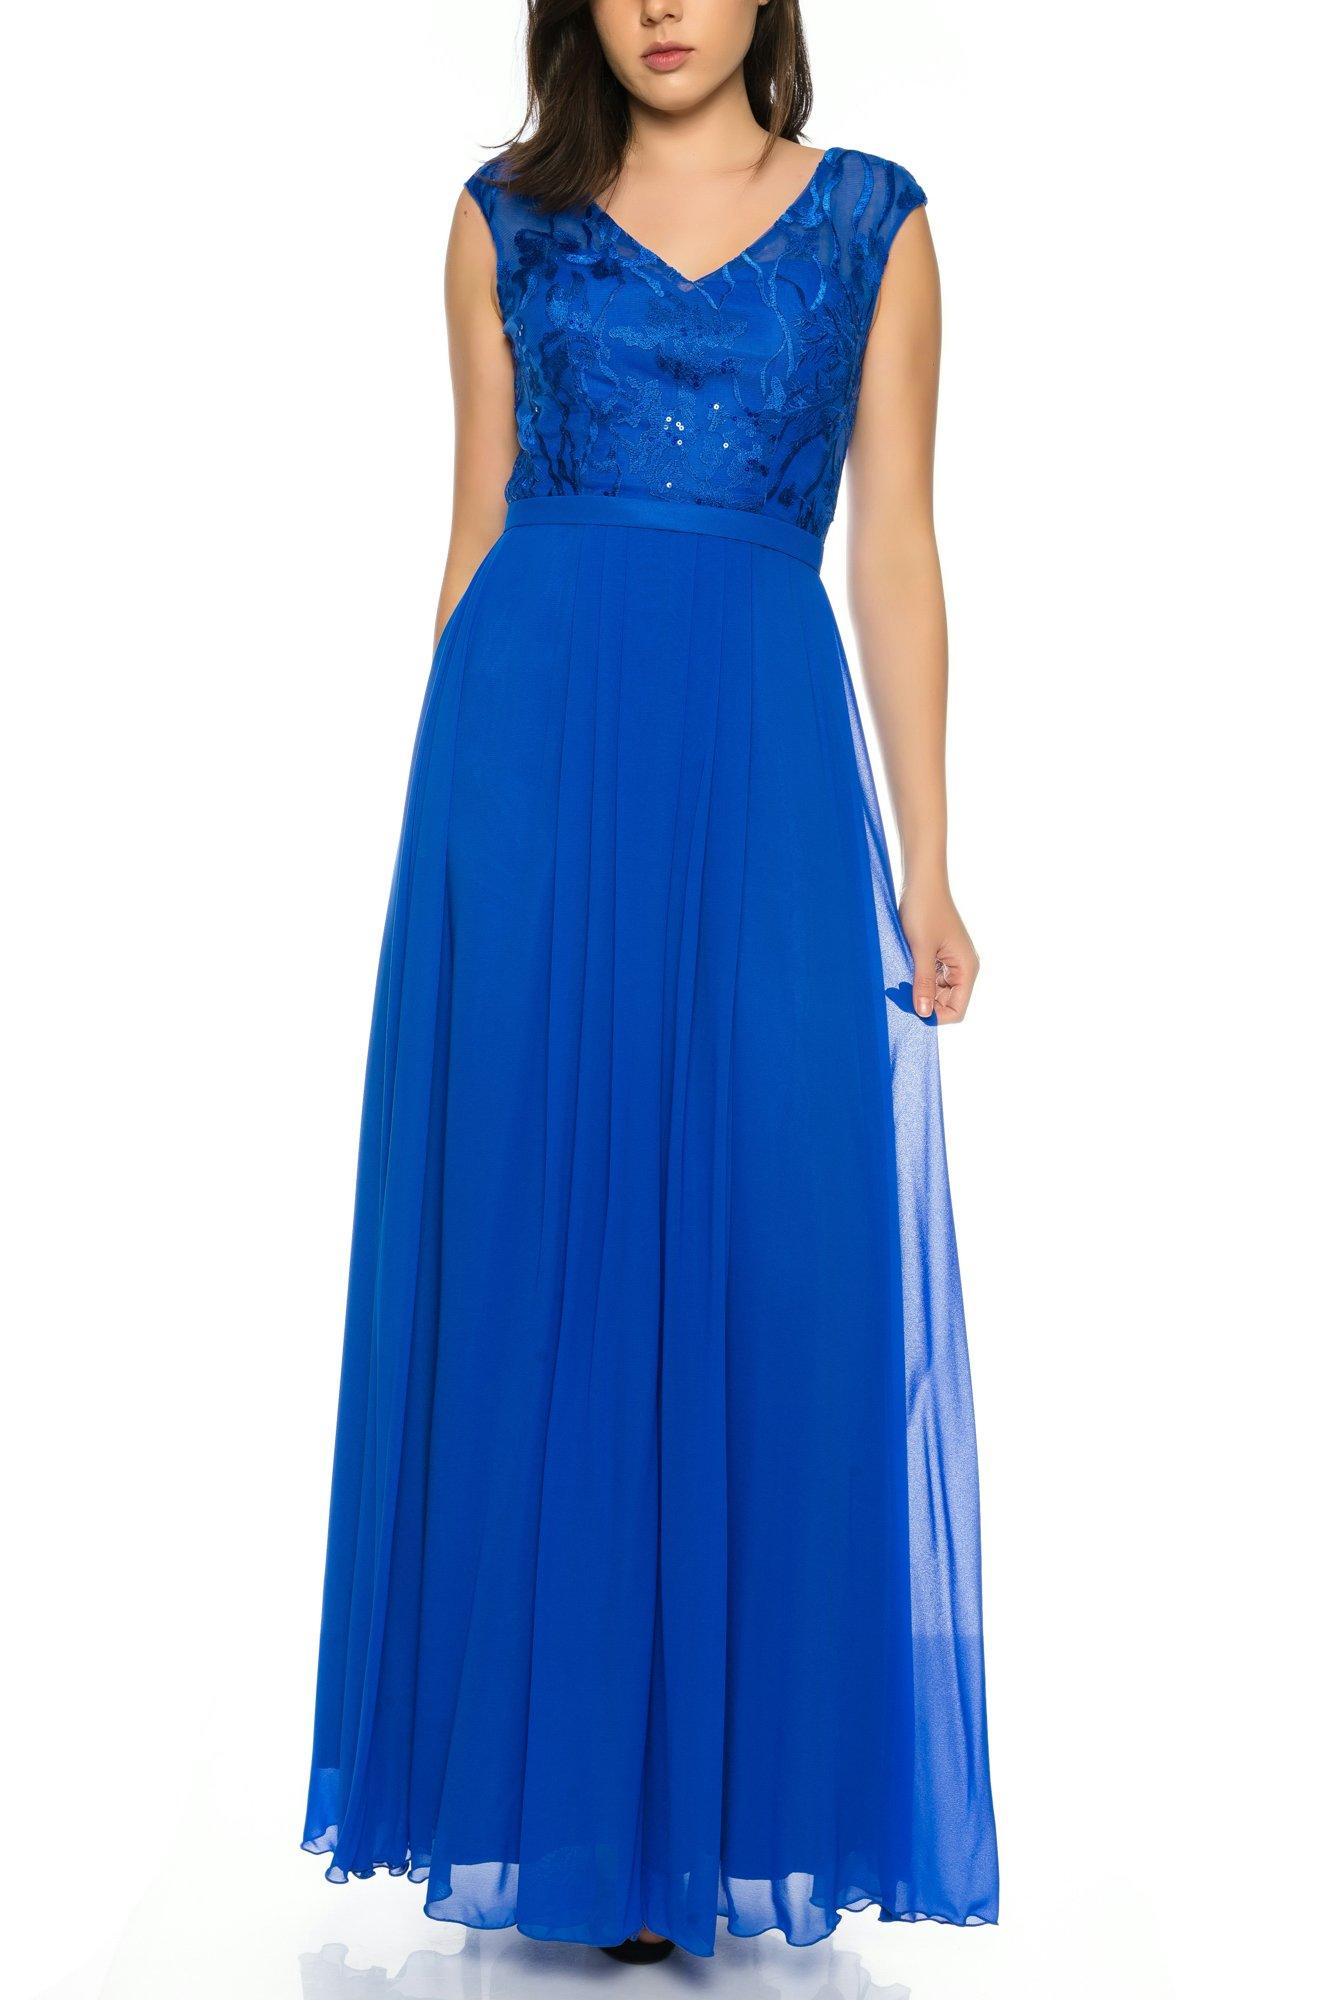 d2df641026fa Elegantes Abendkleid mit Oberteil aus floraler Spitze und fließendem Chiffon  in Royal Blau   R1583